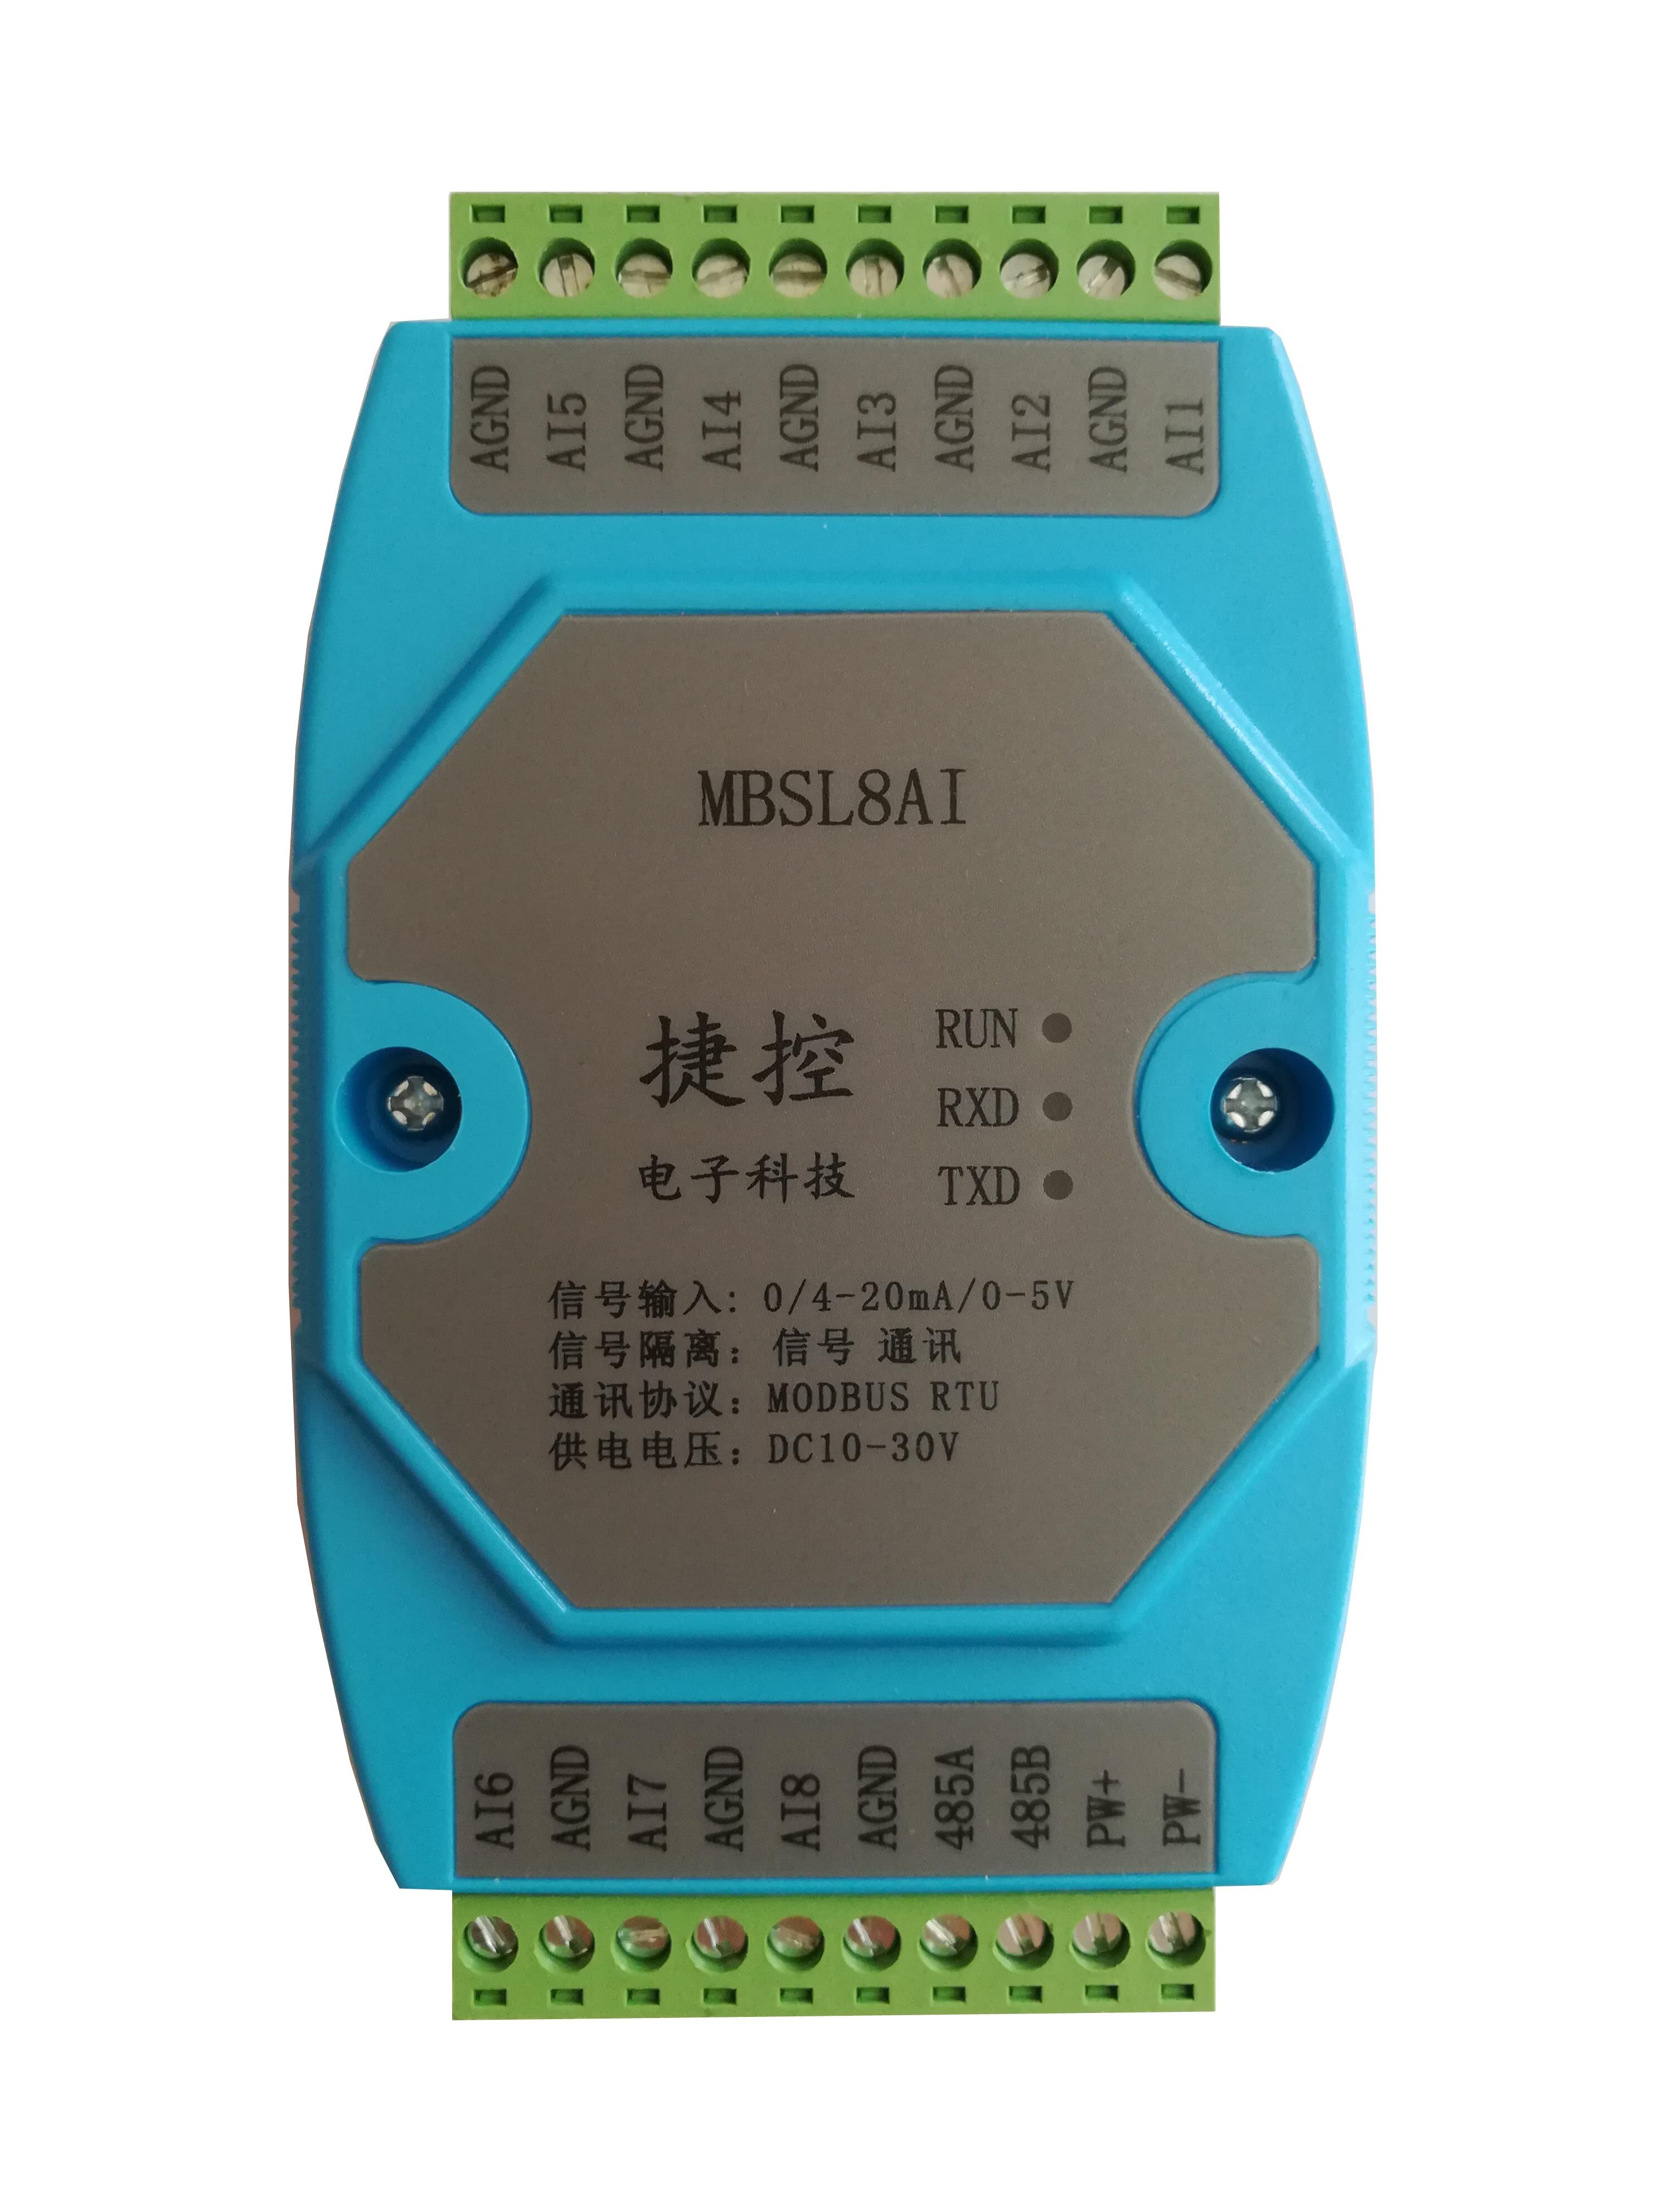 4-20mA/0-20mA 8 Way Analog Input Isolation Acquisition Module Modbus RTU Communication RS4854-20mA/0-20mA 8 Way Analog Input Isolation Acquisition Module Modbus RTU Communication RS485